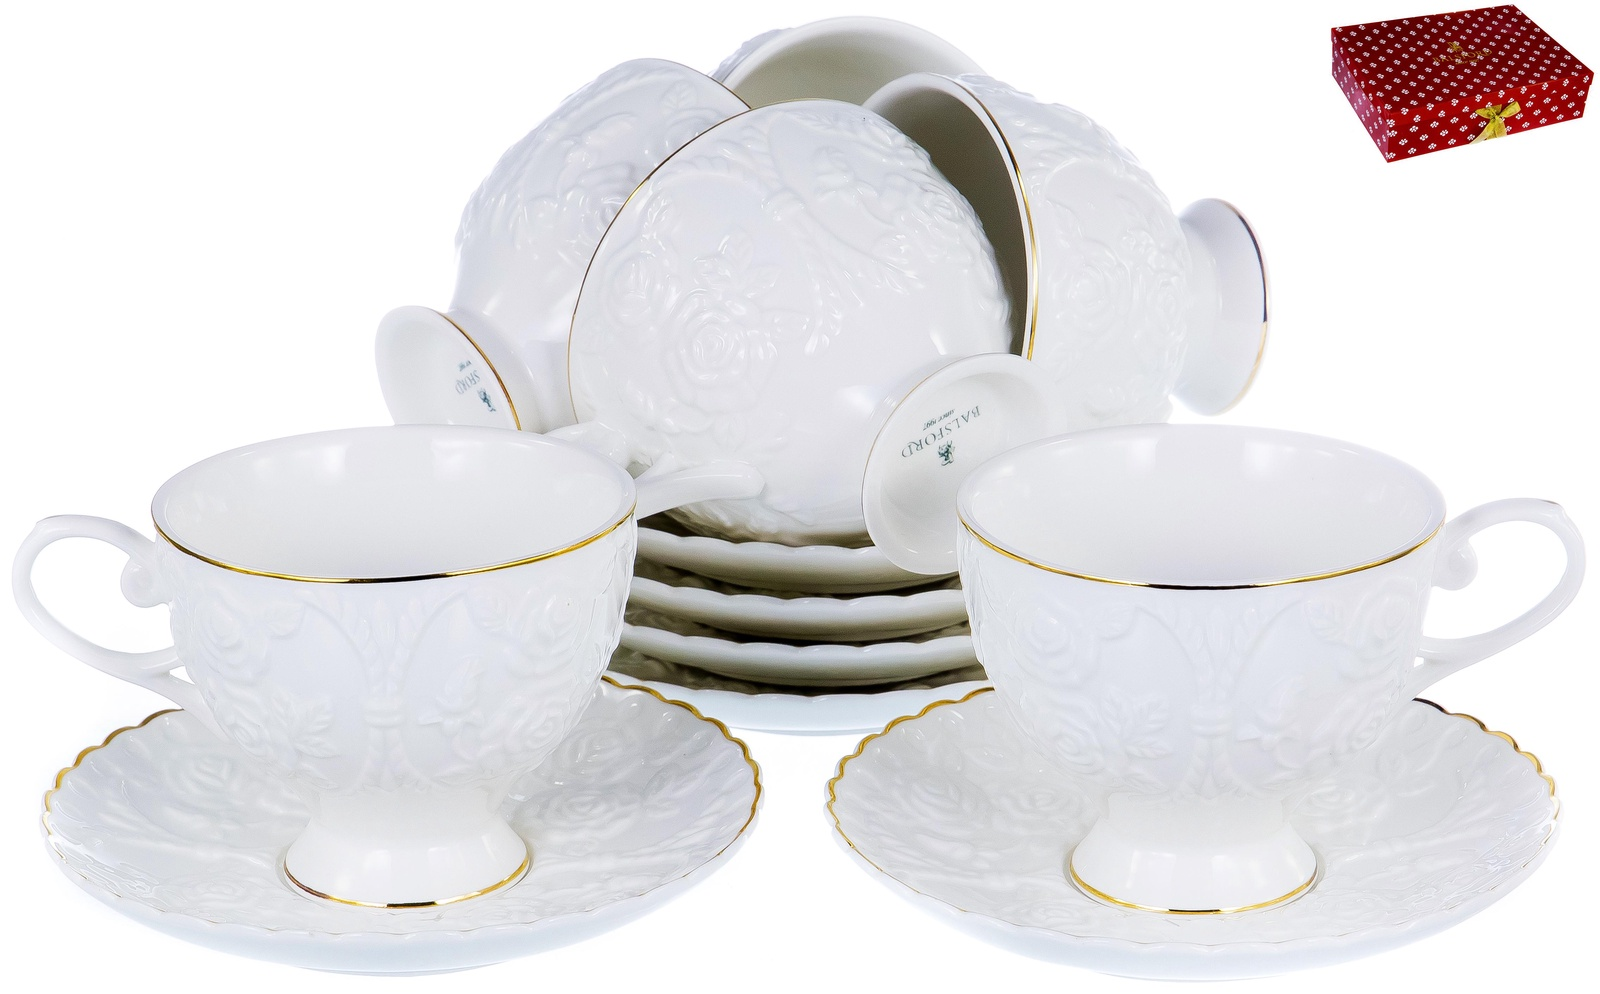 ГРАЦИЯ, набор чайный, 6 чашек 220мл, 6 блюдец, NEW BONE CHINA, белый рельефный рисунок с золотом, прямоугольная подарочная упаковка с окном и бантом, ТМ Balsford, артикул 101-30028